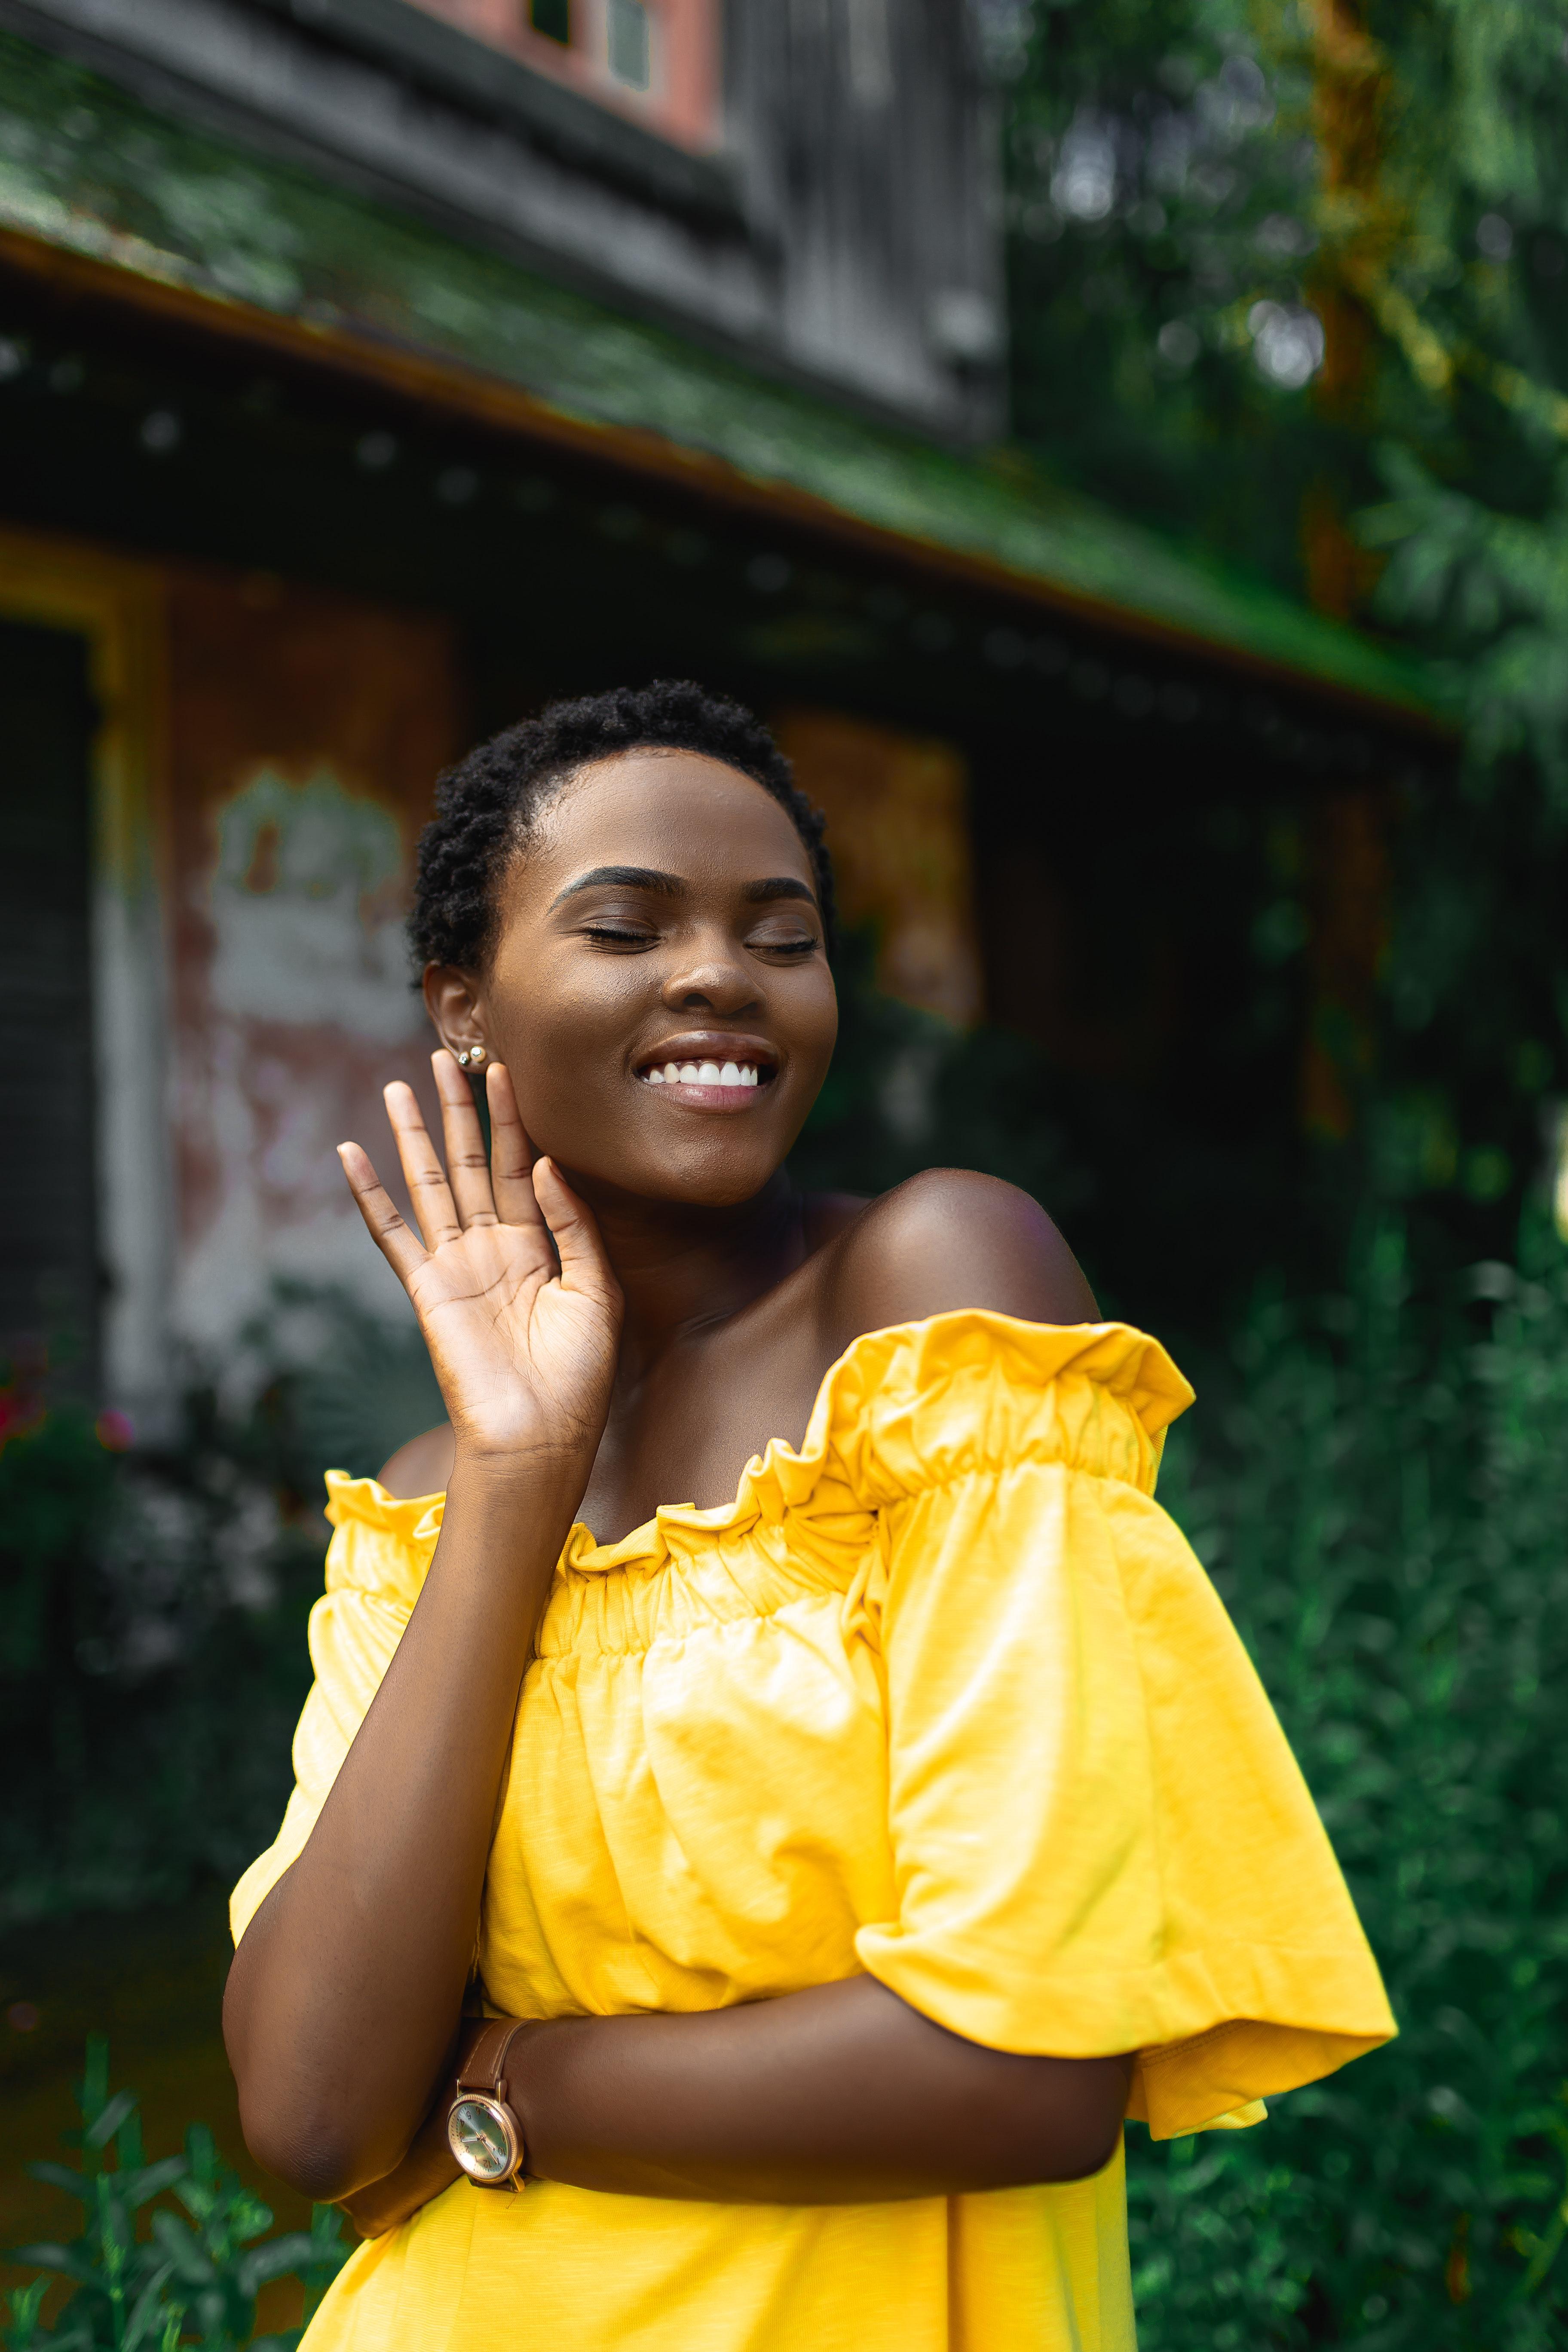 1000 Great African Woman Photos  Pexels  Free Stock Photos-6860